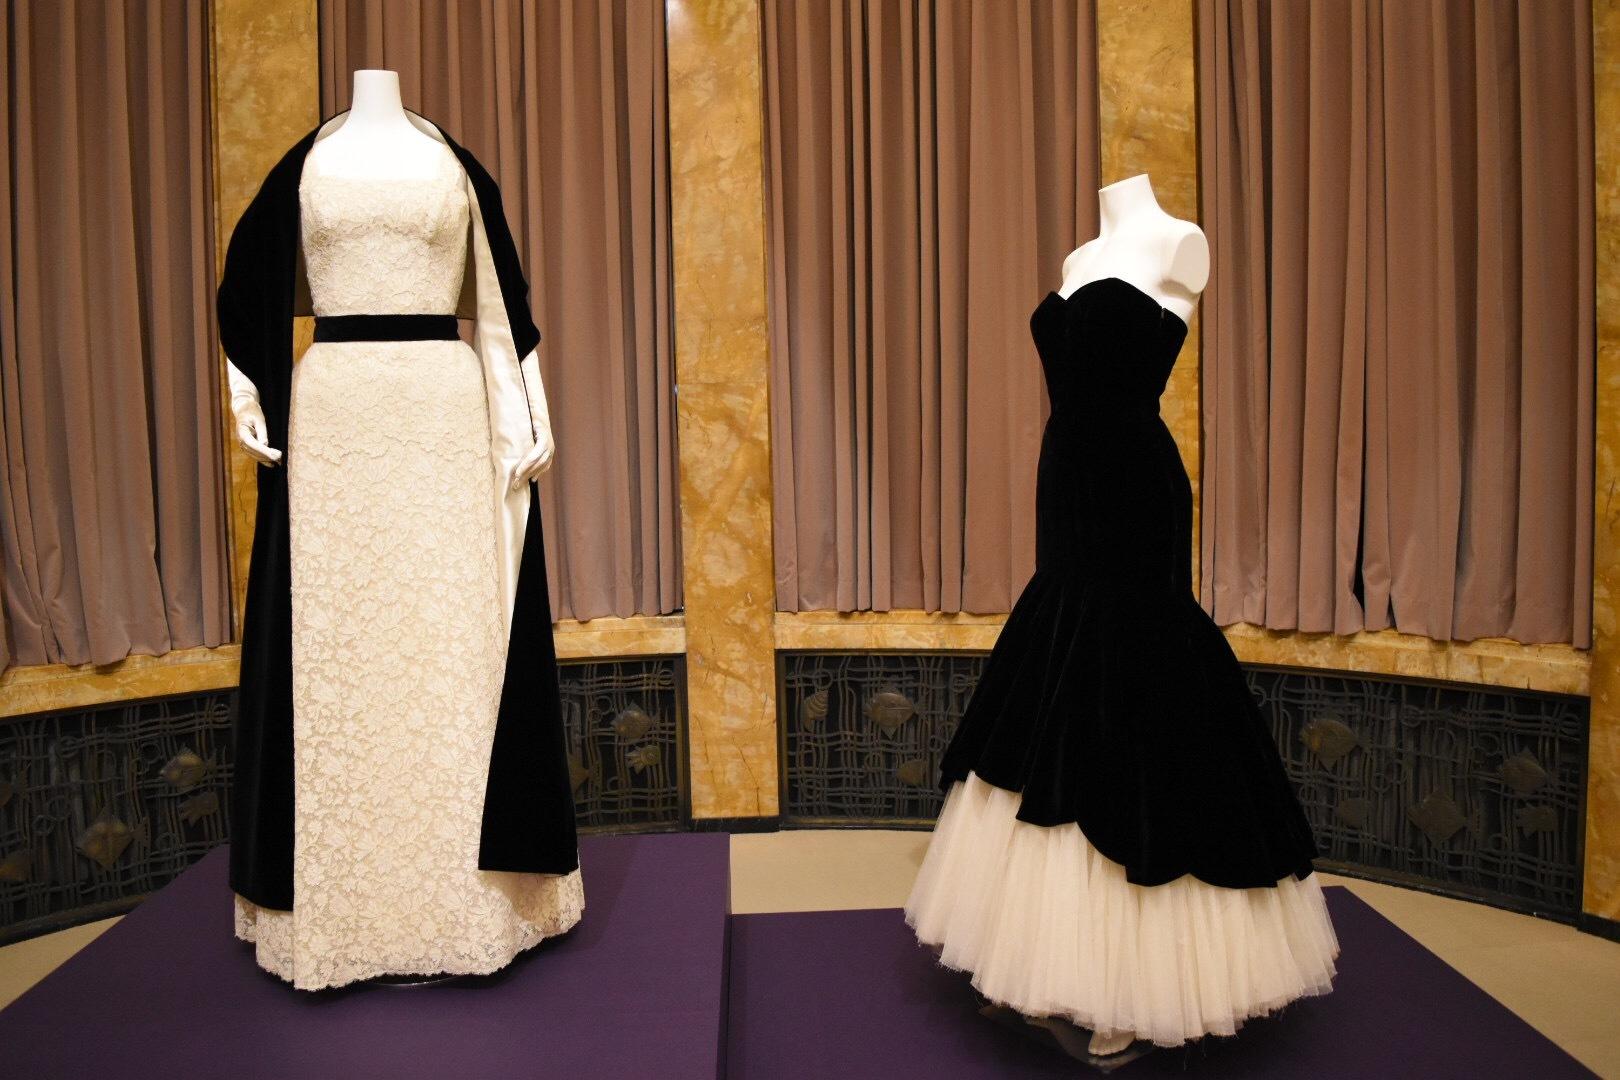 左:クリスチャン・ディオール 《イヴニング・ドレス》 c.1952年 右:クリストバル・バレンシアガ 《イヴニング・ドレス》 1951年